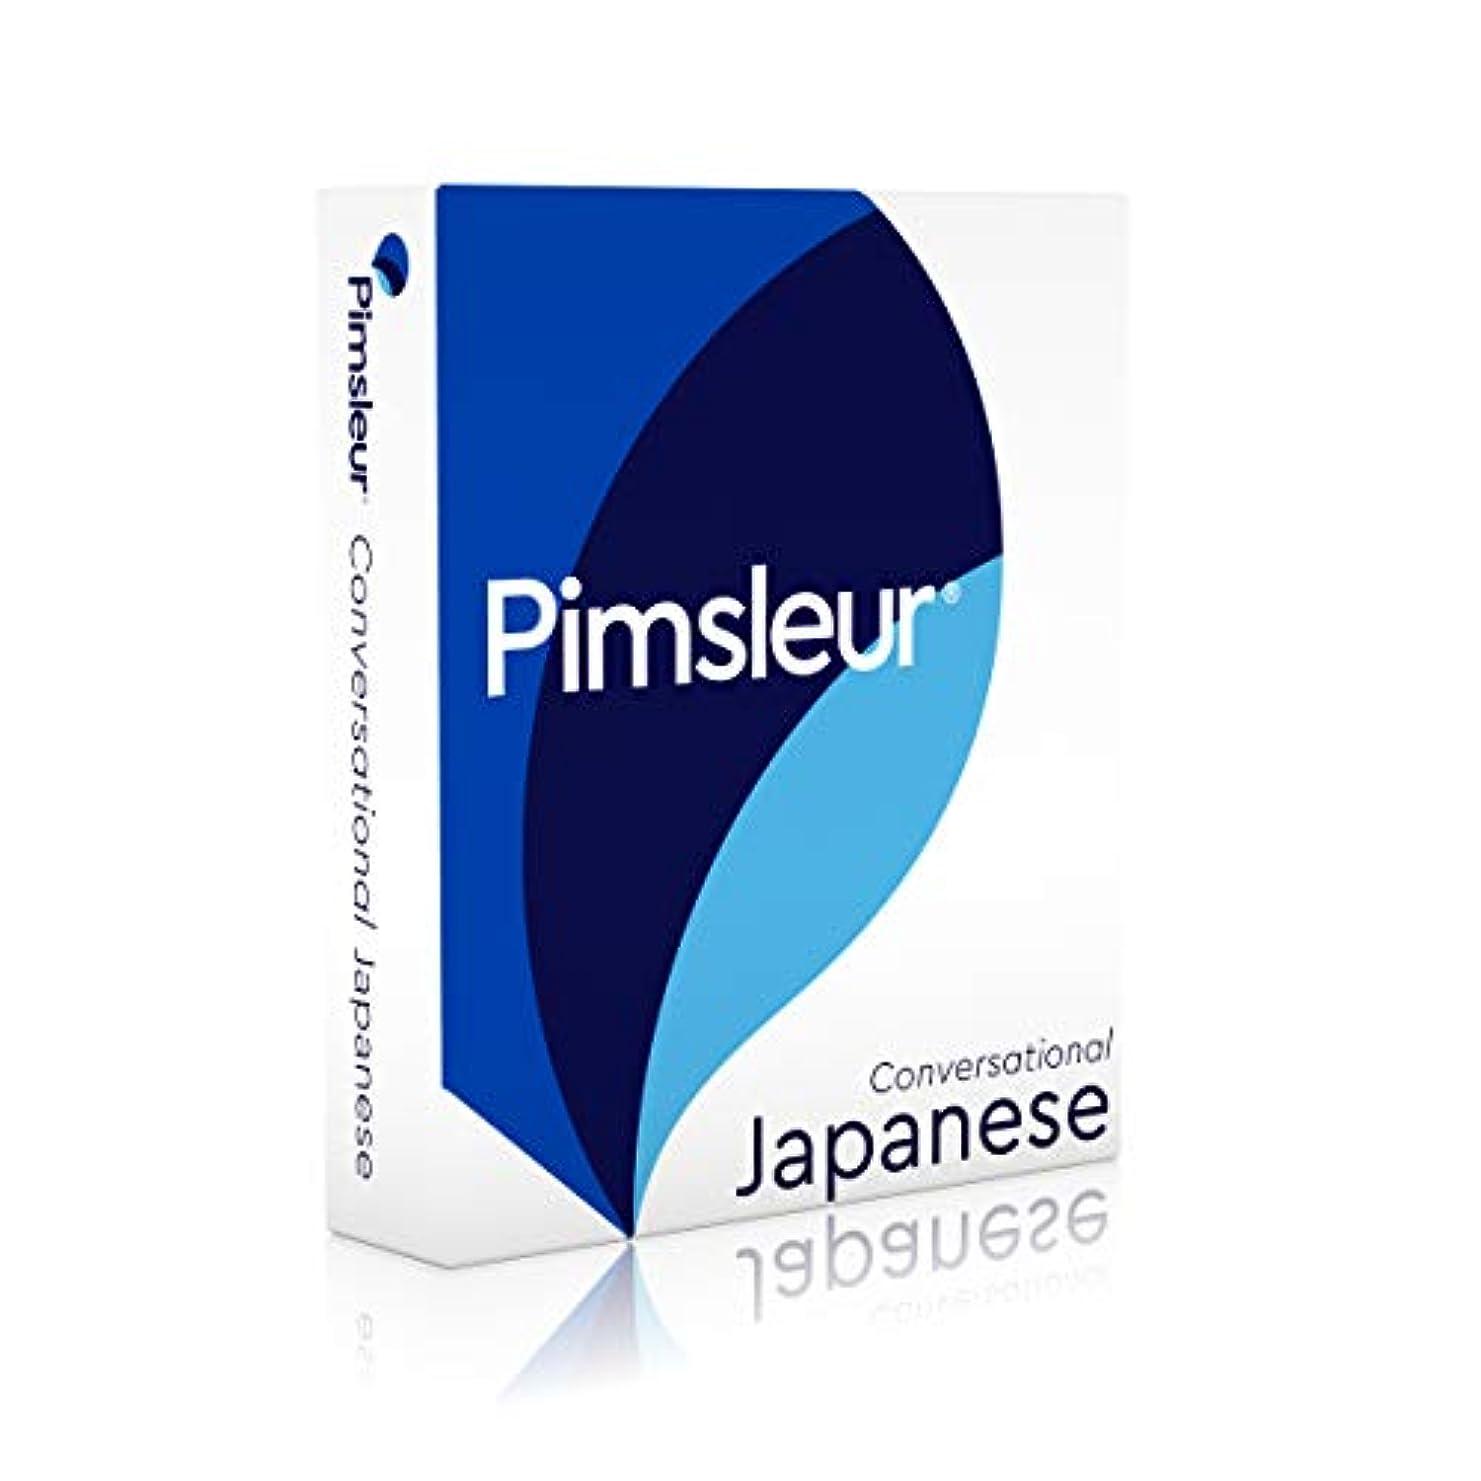 気になる子猫そよ風Pimsleur Japanese Conversational Course - Level 1 Lessons 1-16 CD: Learn to Speak and Understand Japanese with Pimsleur Language Programs (1)